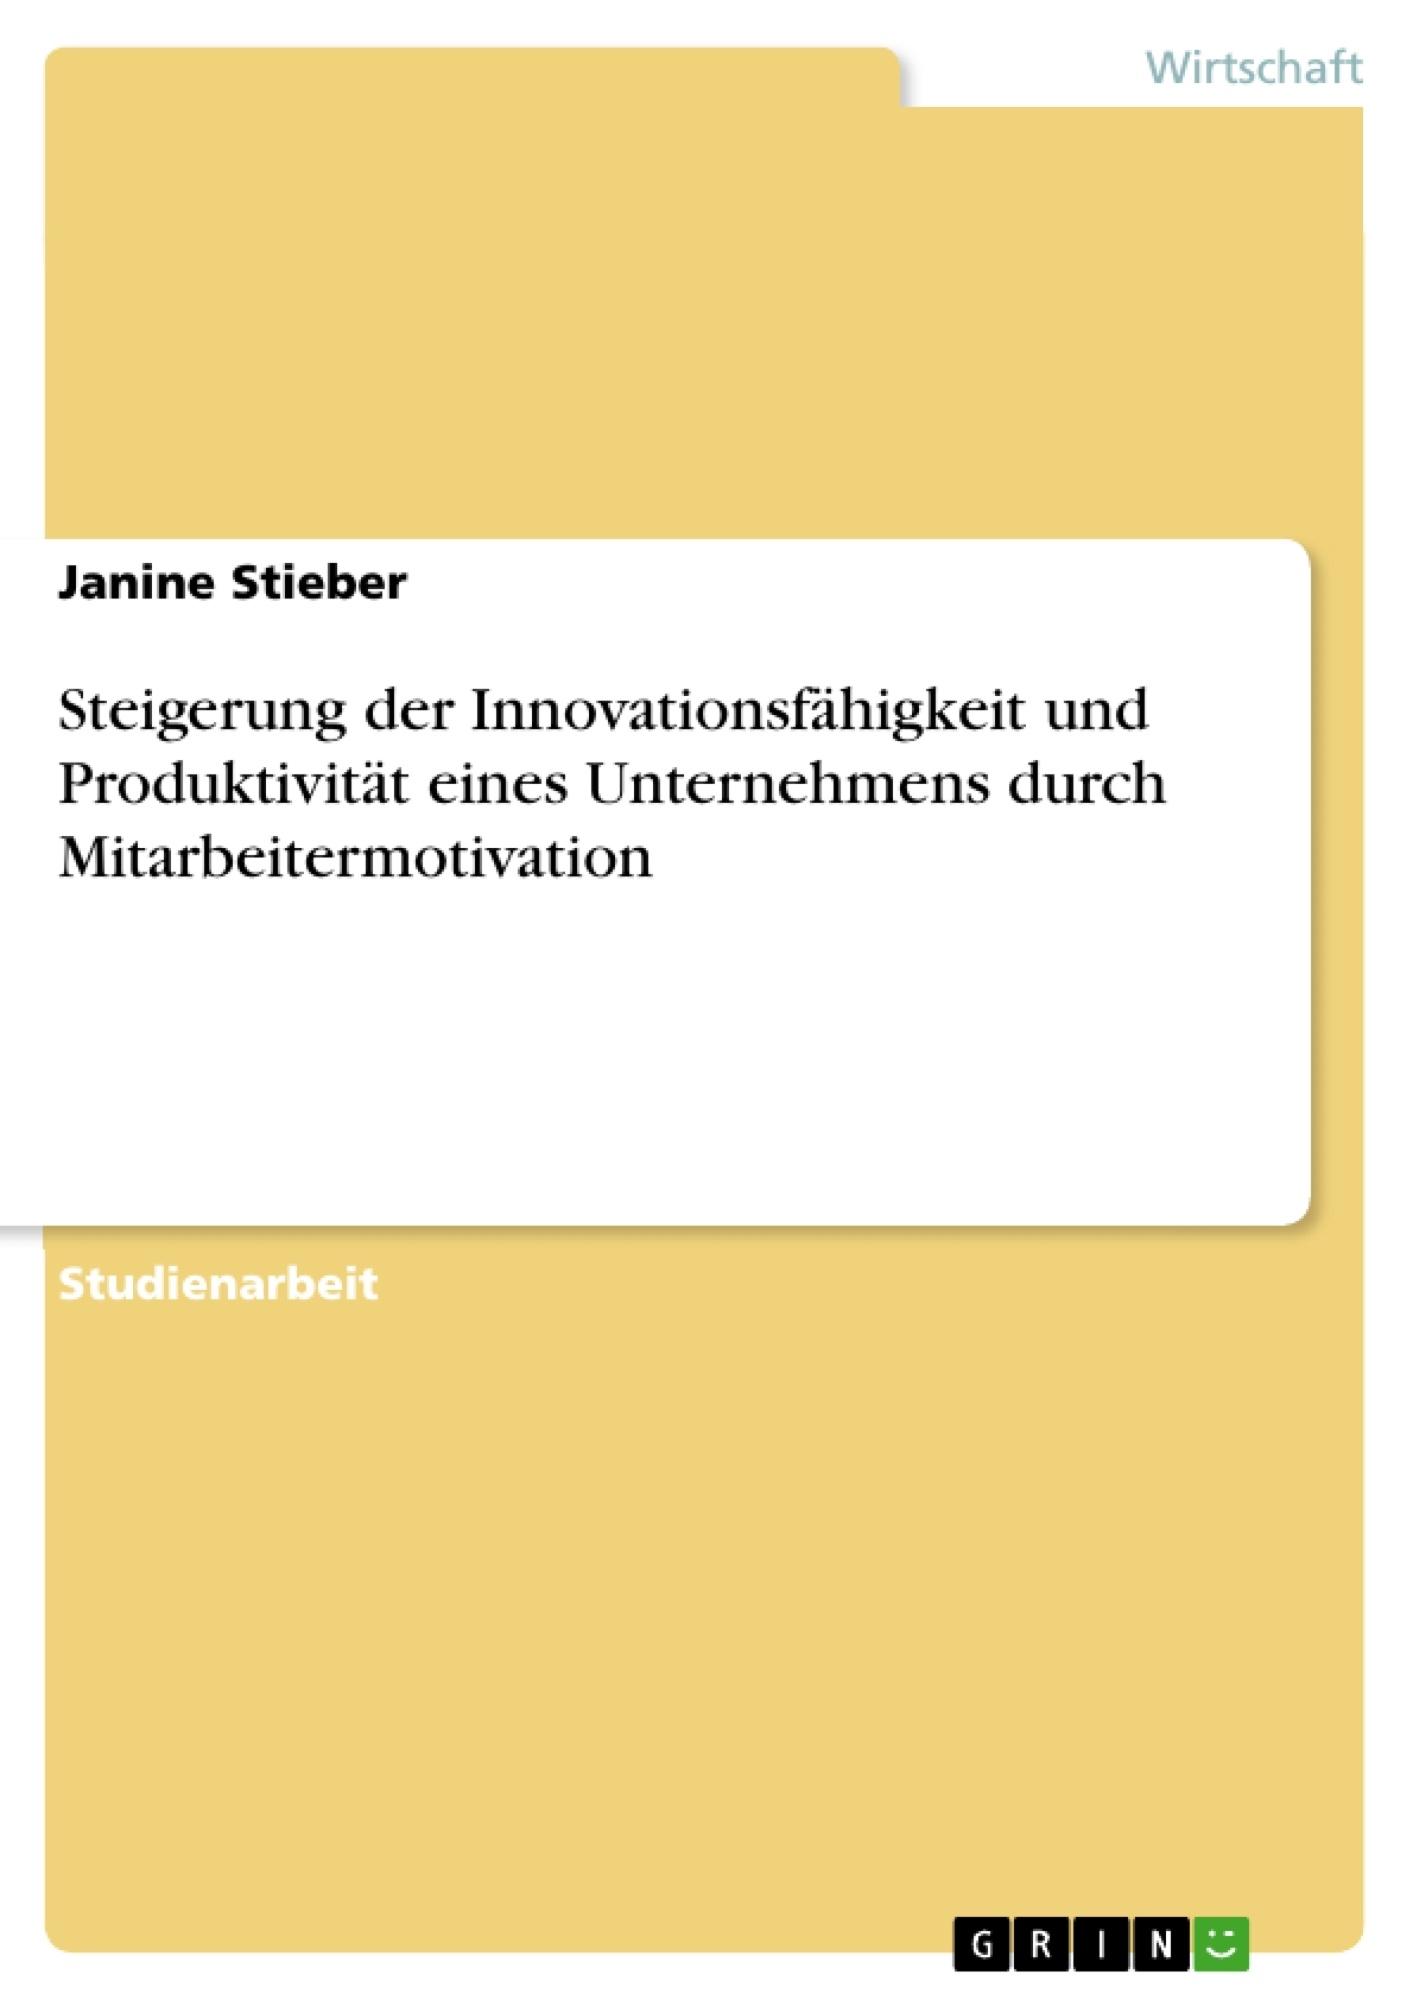 Titel: Steigerung der Innovationsfähigkeit und Produktivität eines Unternehmens durch Mitarbeitermotivation